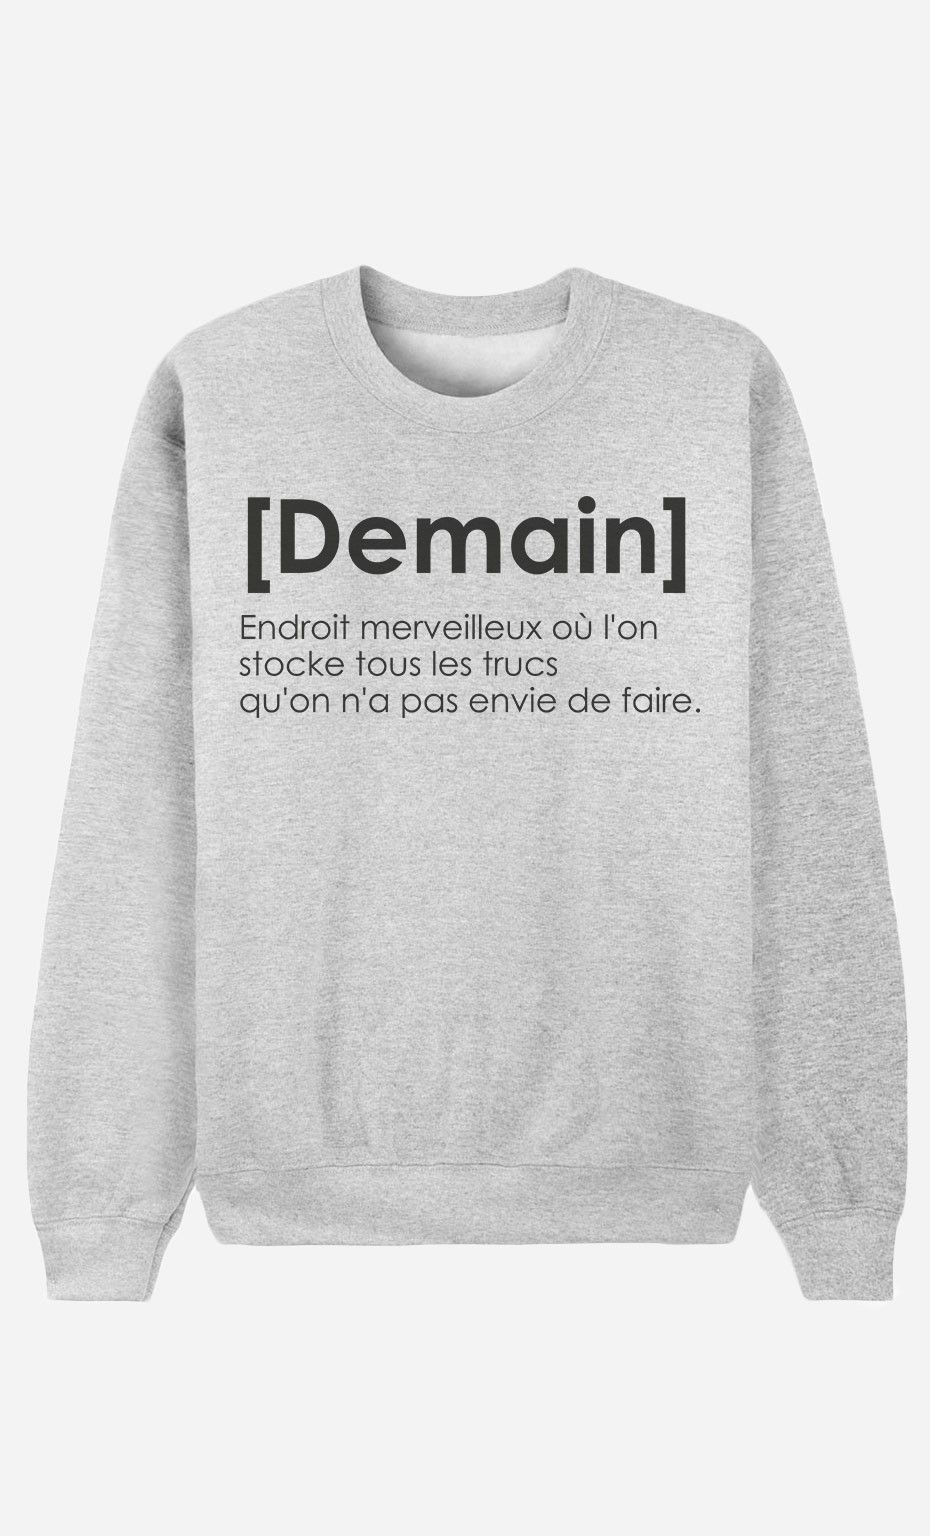 Sweat Femme Français Définition Alfred le Demain de par rrq61w0d